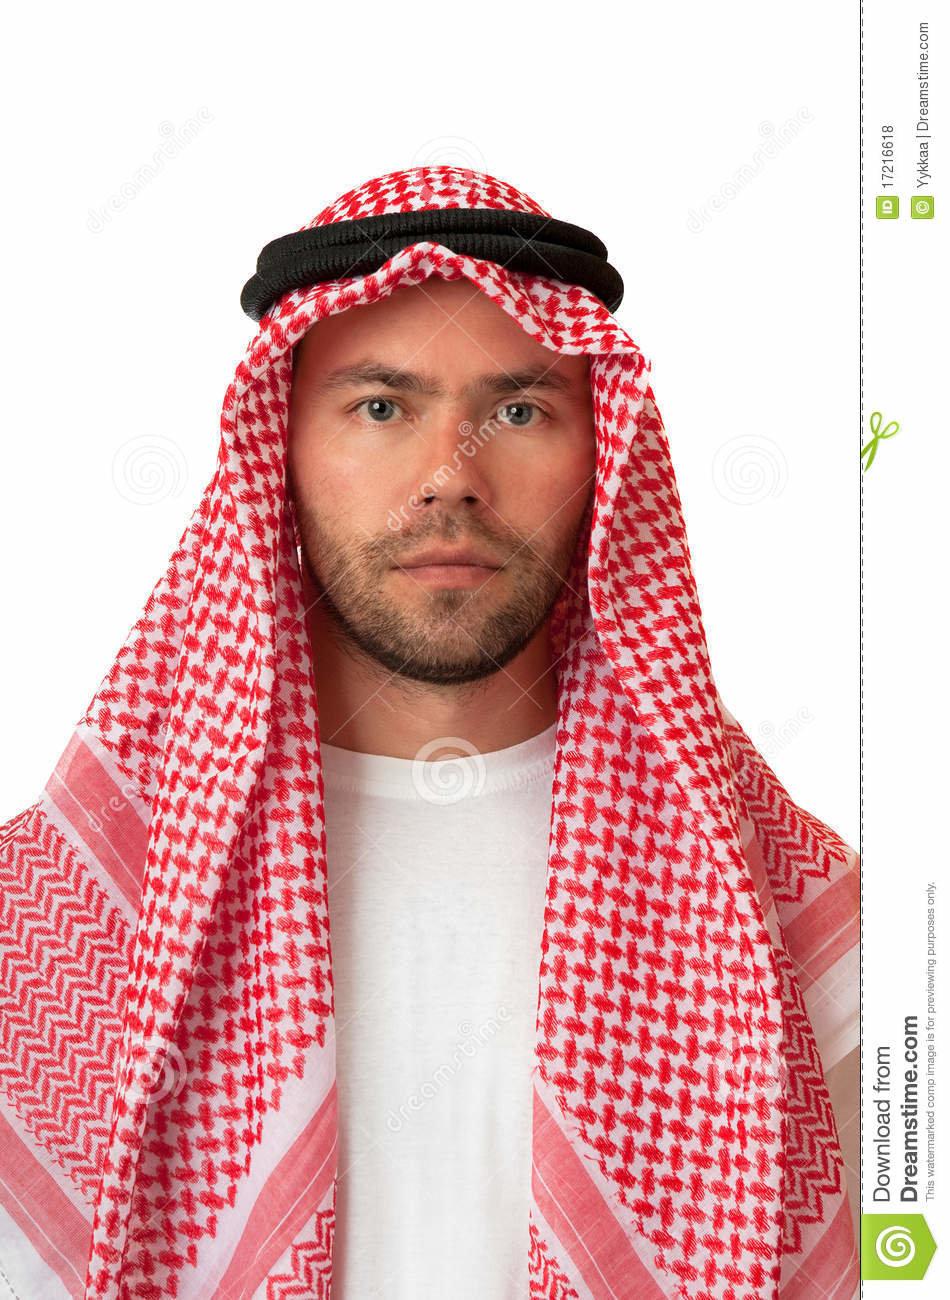 будет использование как мужсчины одивают арабский платок на шею делают передней